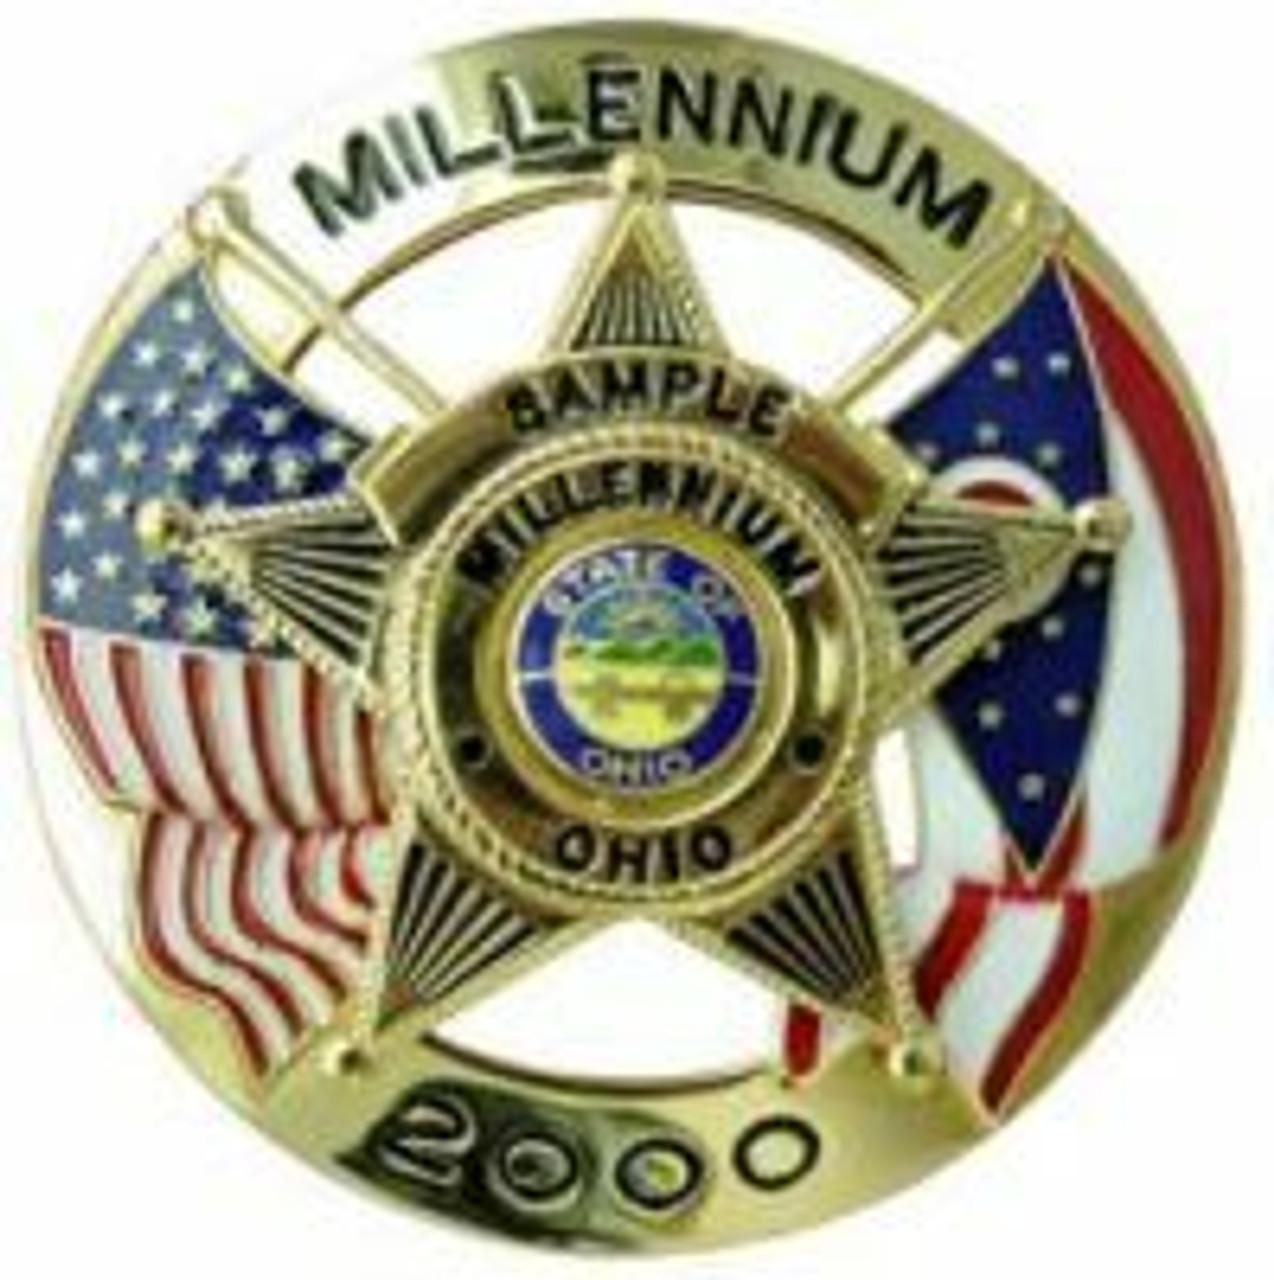 Millennial Badges